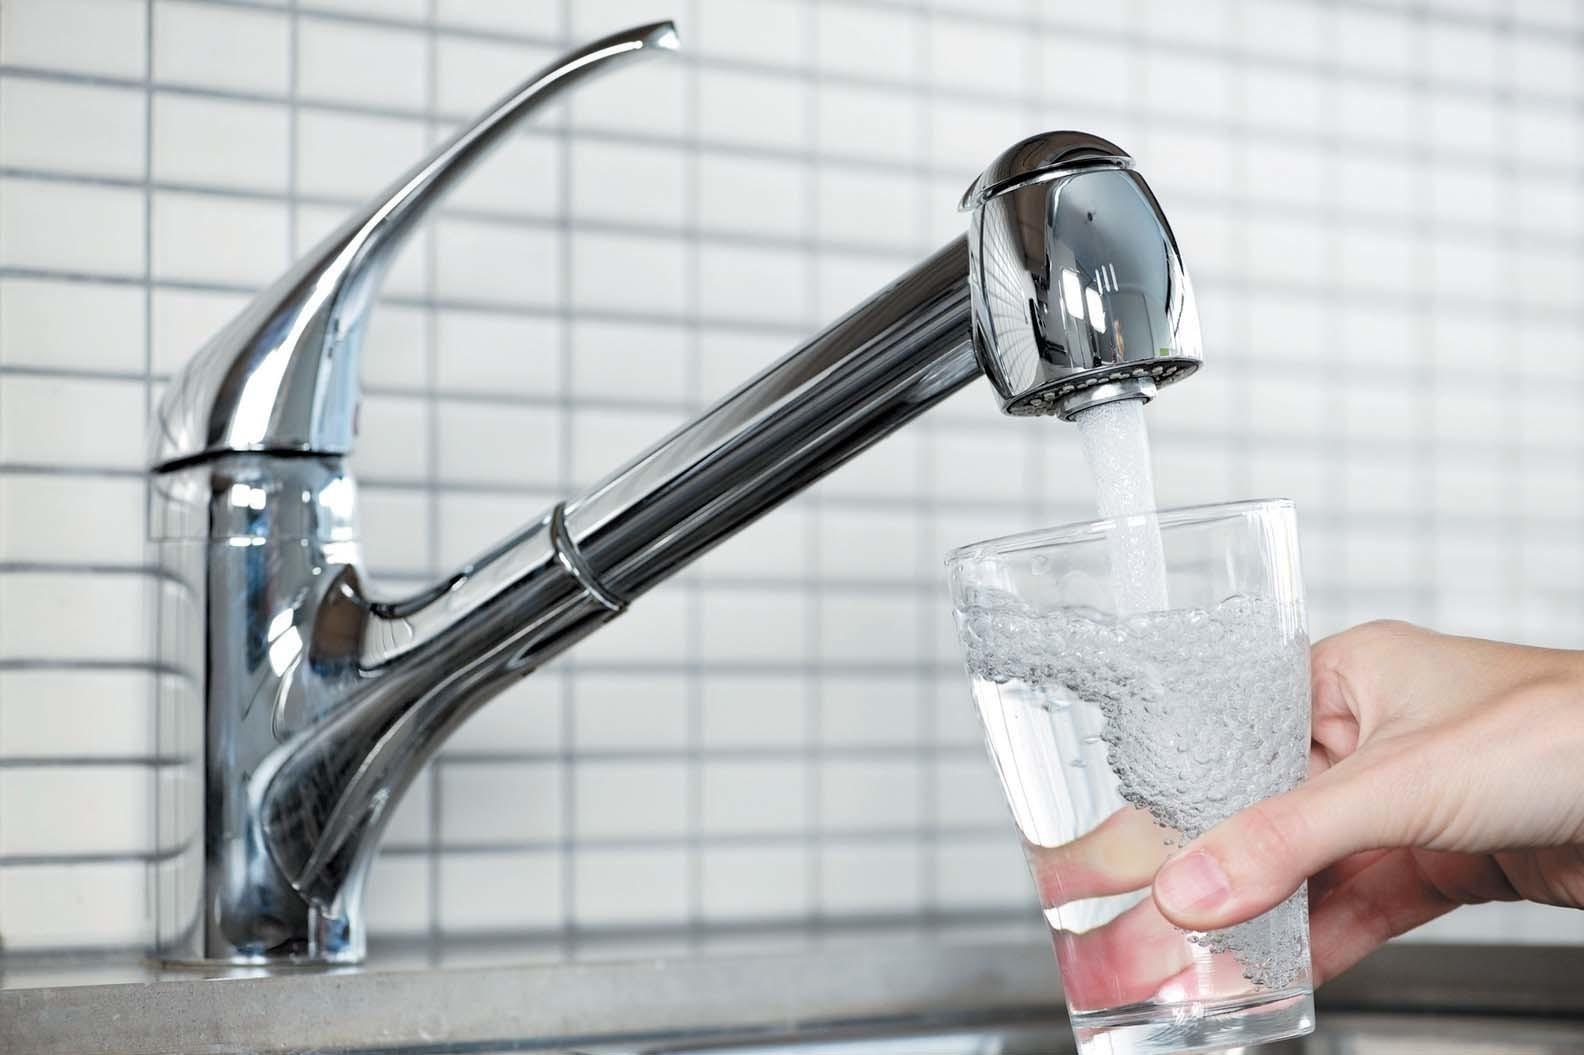 Качество воды в вашем кране: запах, привкус, цвет, осадок.